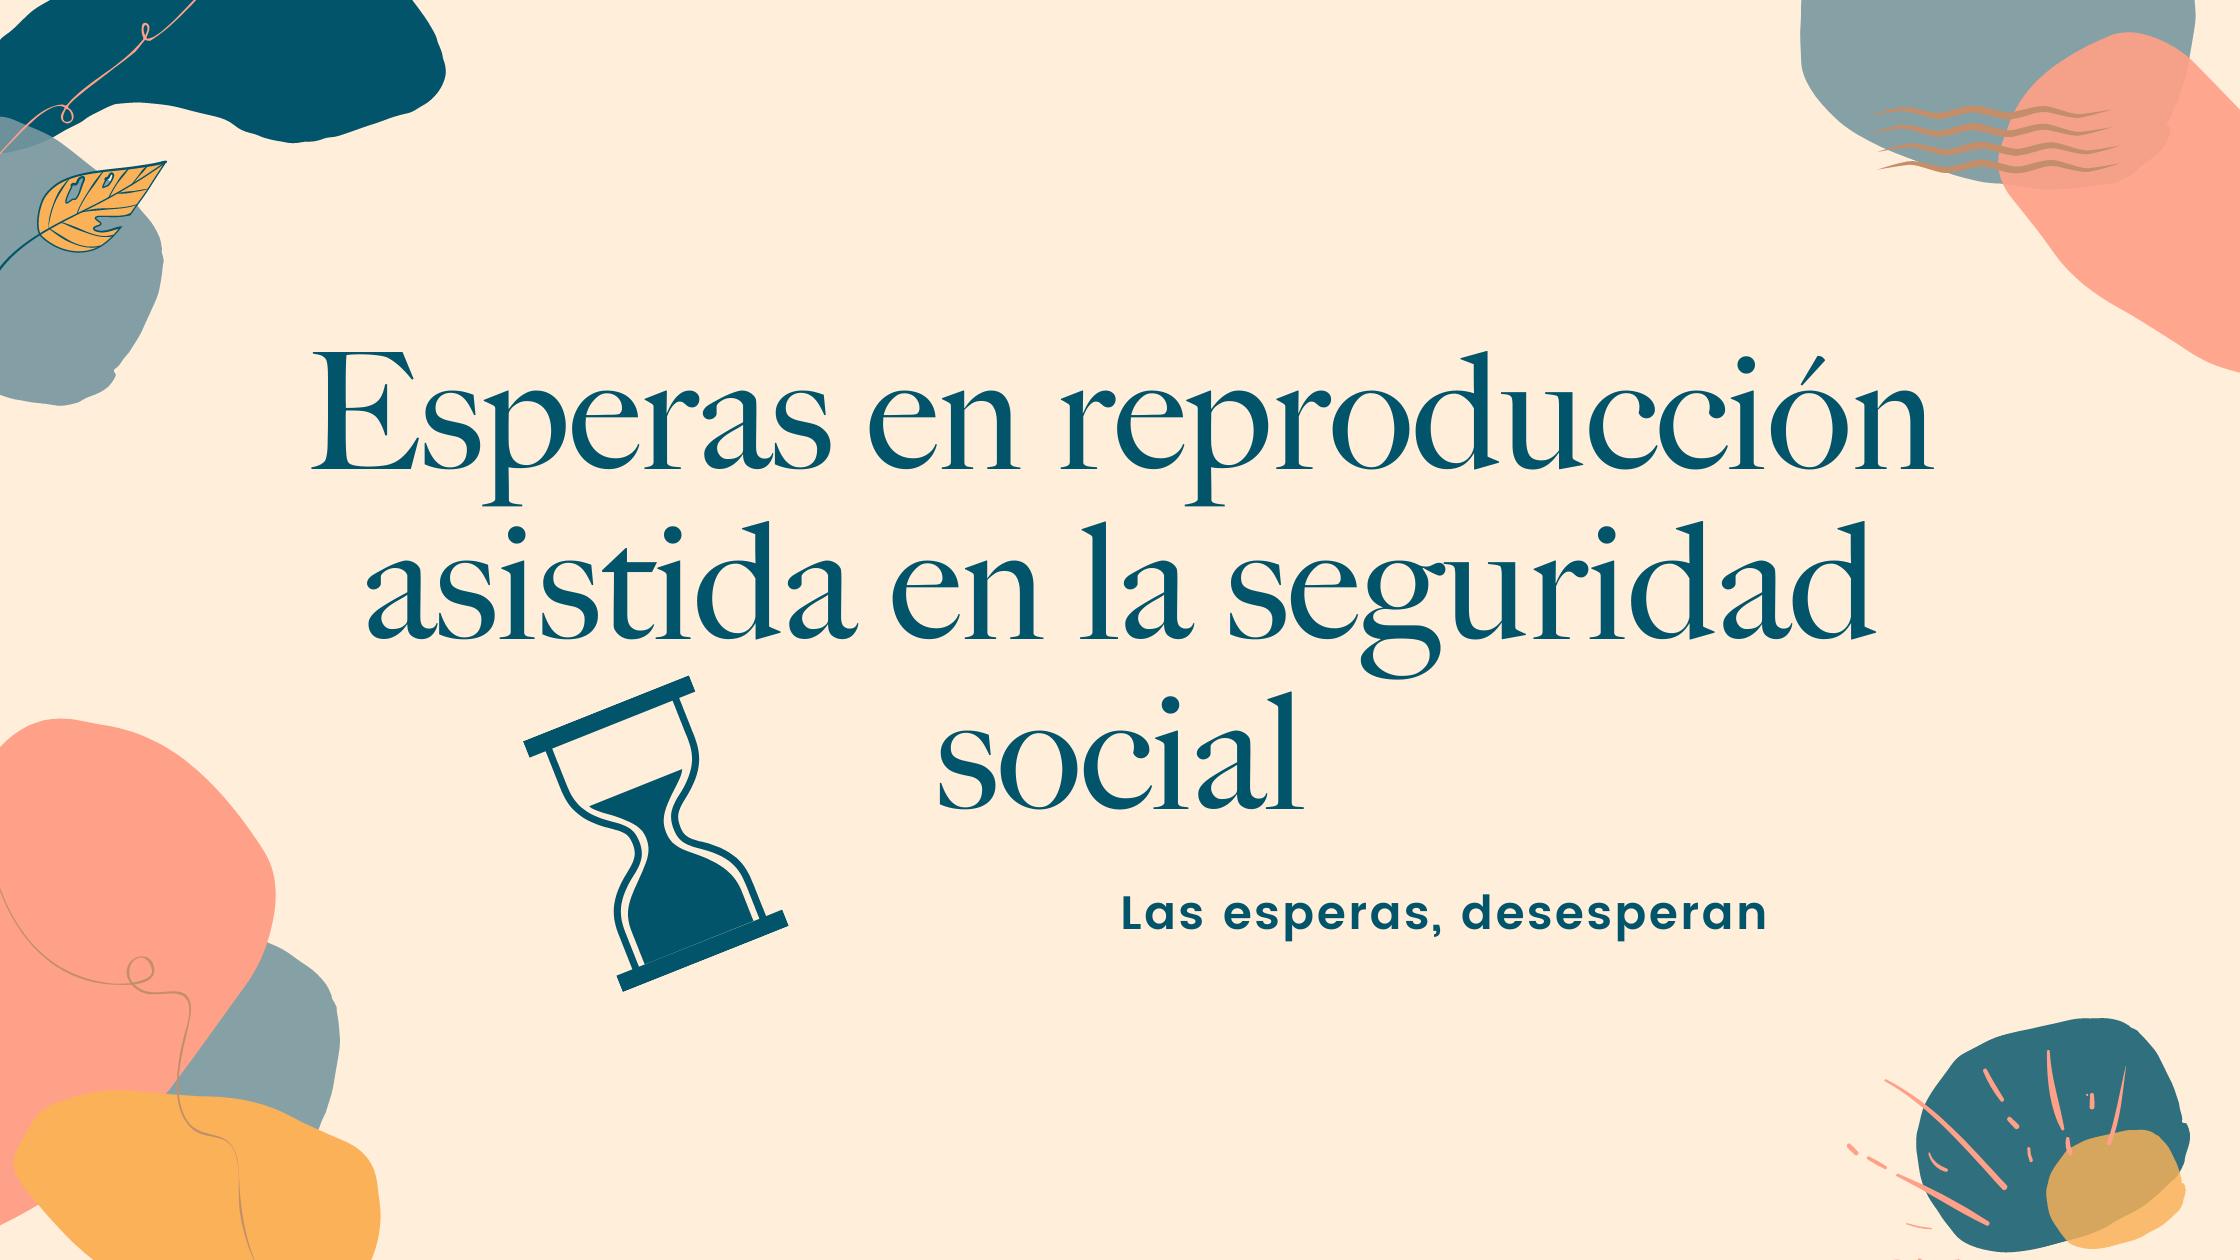 Esperas en reproducción asistida en la seguridad social (I)